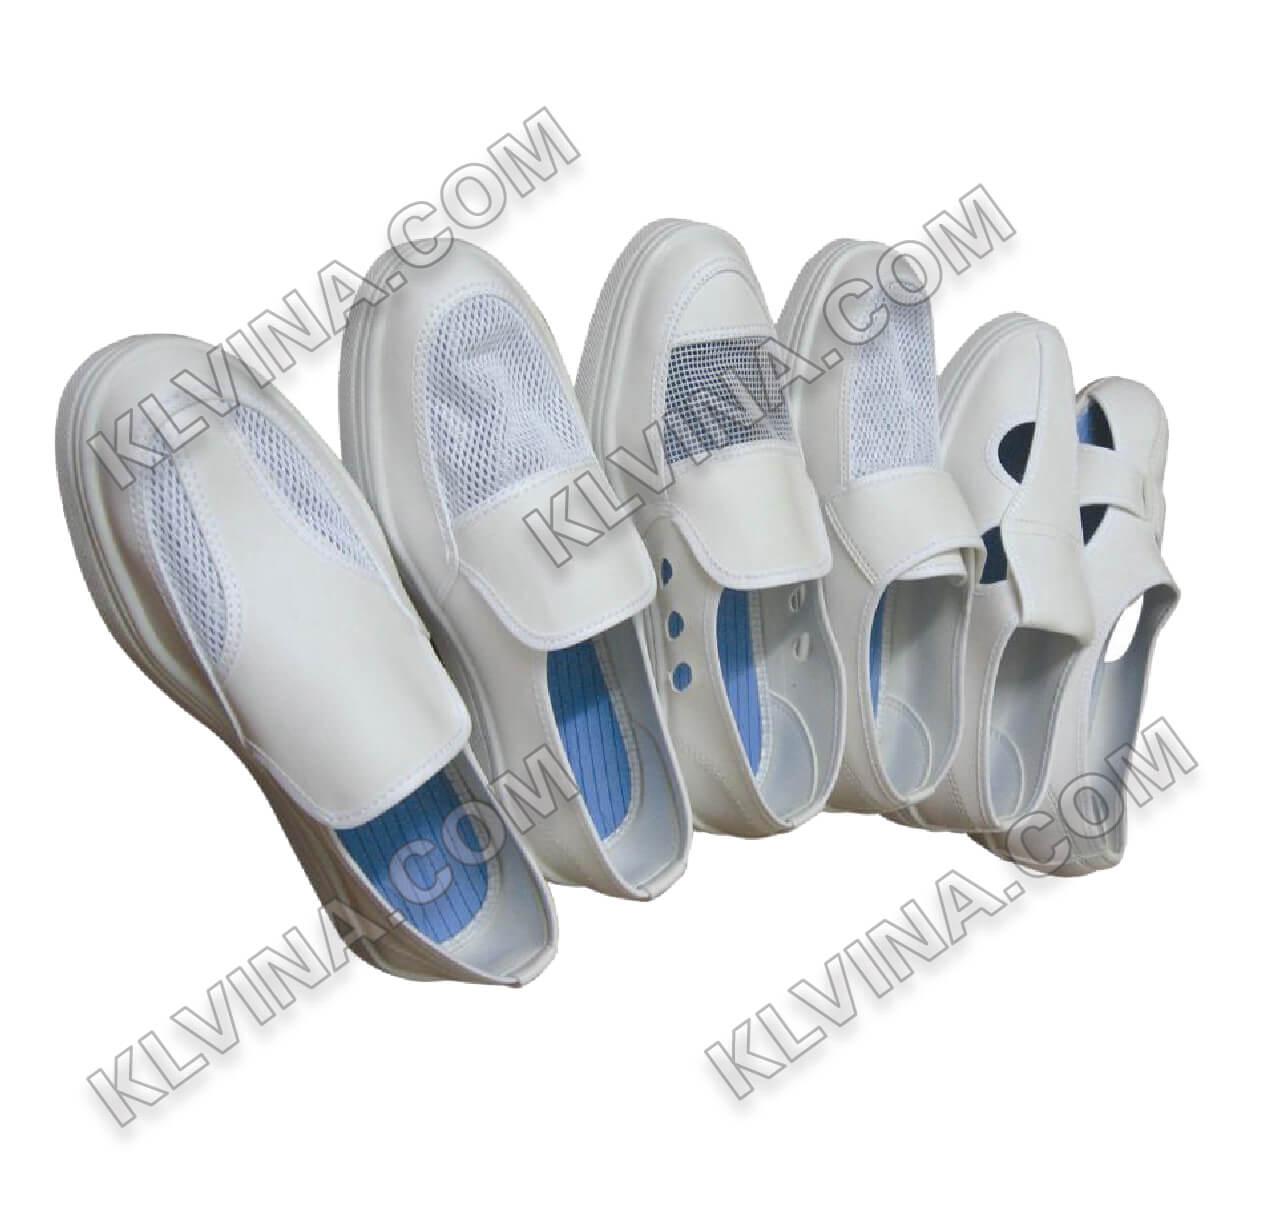 Giầy phòng sạch VN thấp cổ (giày lười)